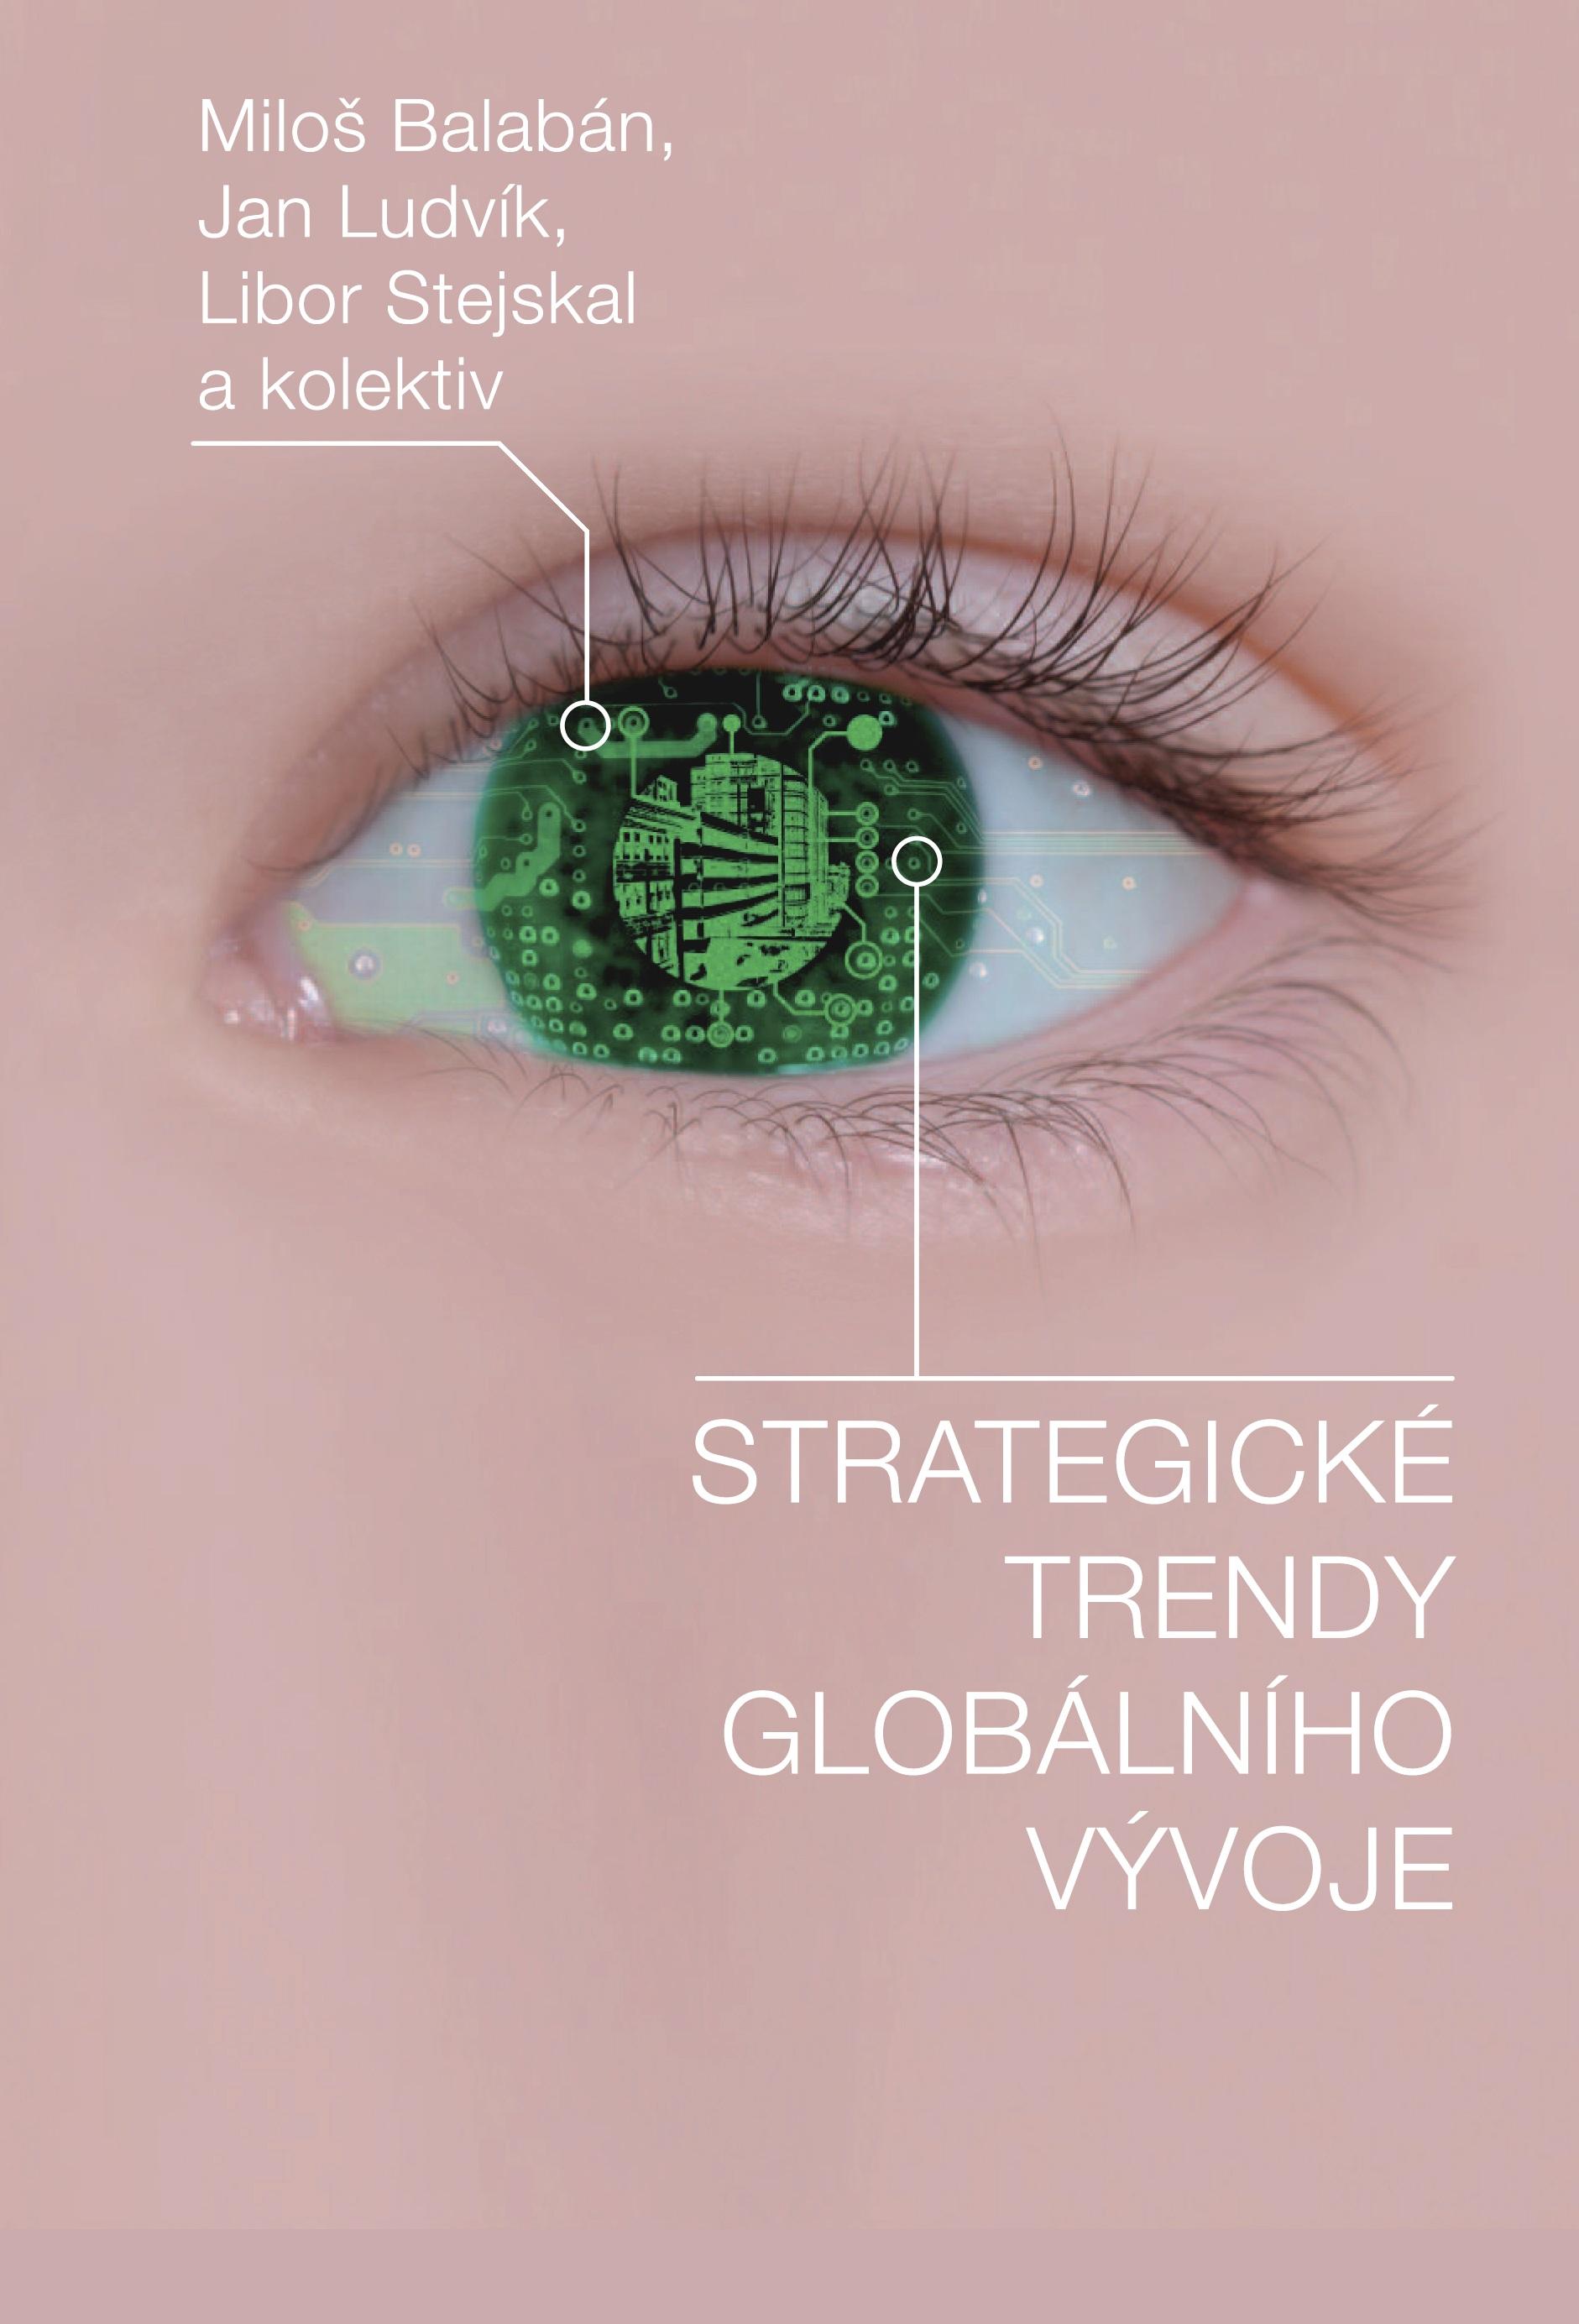 Strategické trendy globálního vývoje (Strategic trends of global development)